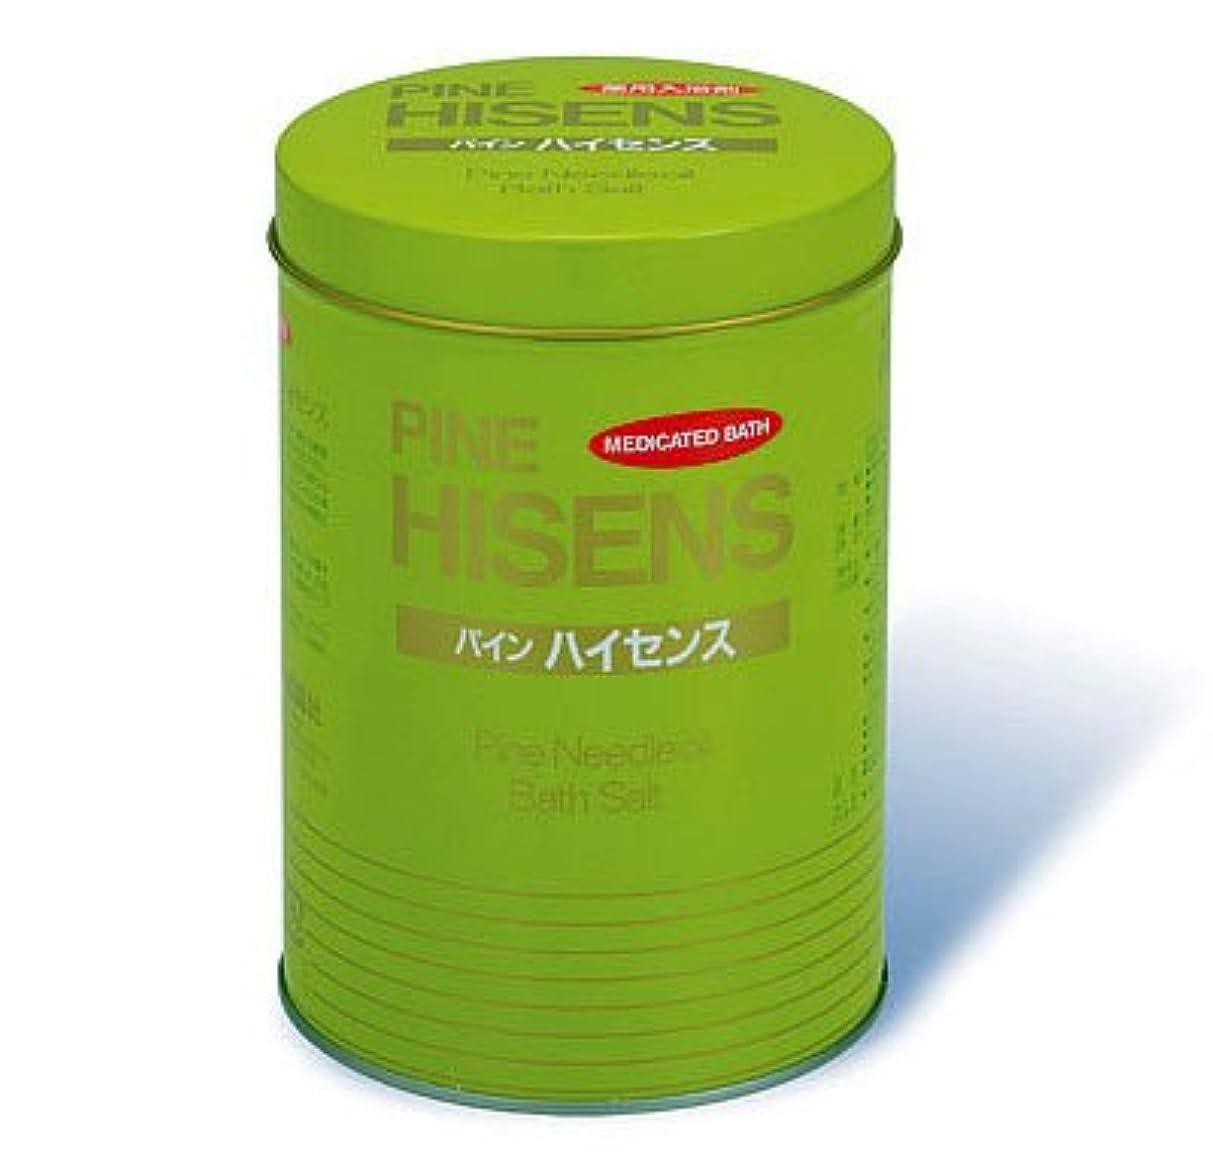 津波思いやりのあるそう高陽社 薬用入浴剤 パインハイセンス 2.1kg 1缶